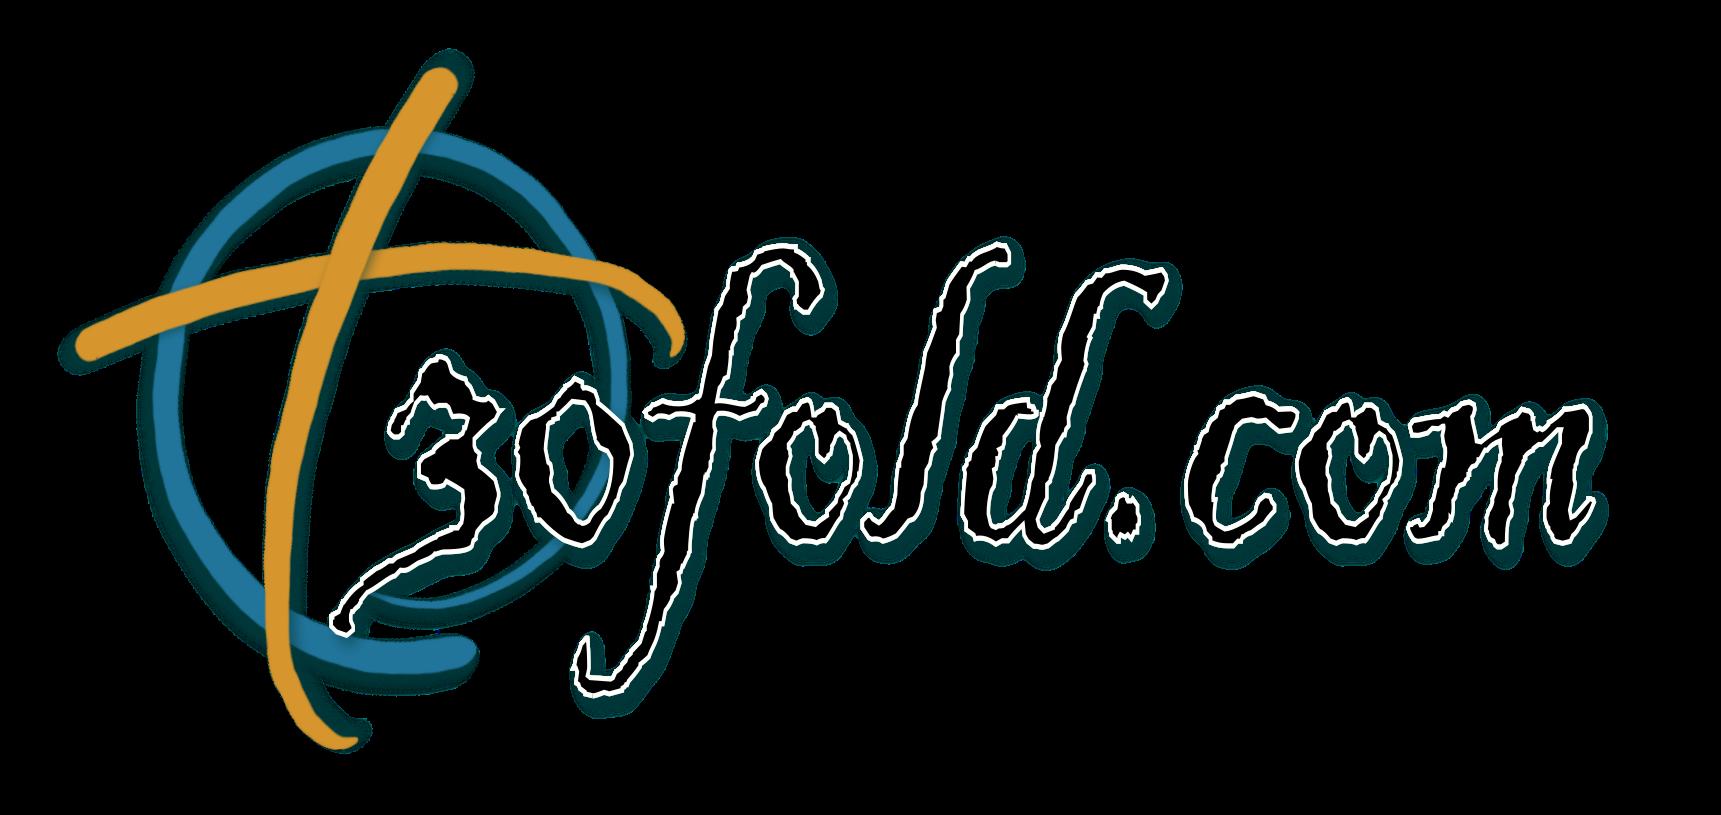 30fold Increase and Abundance